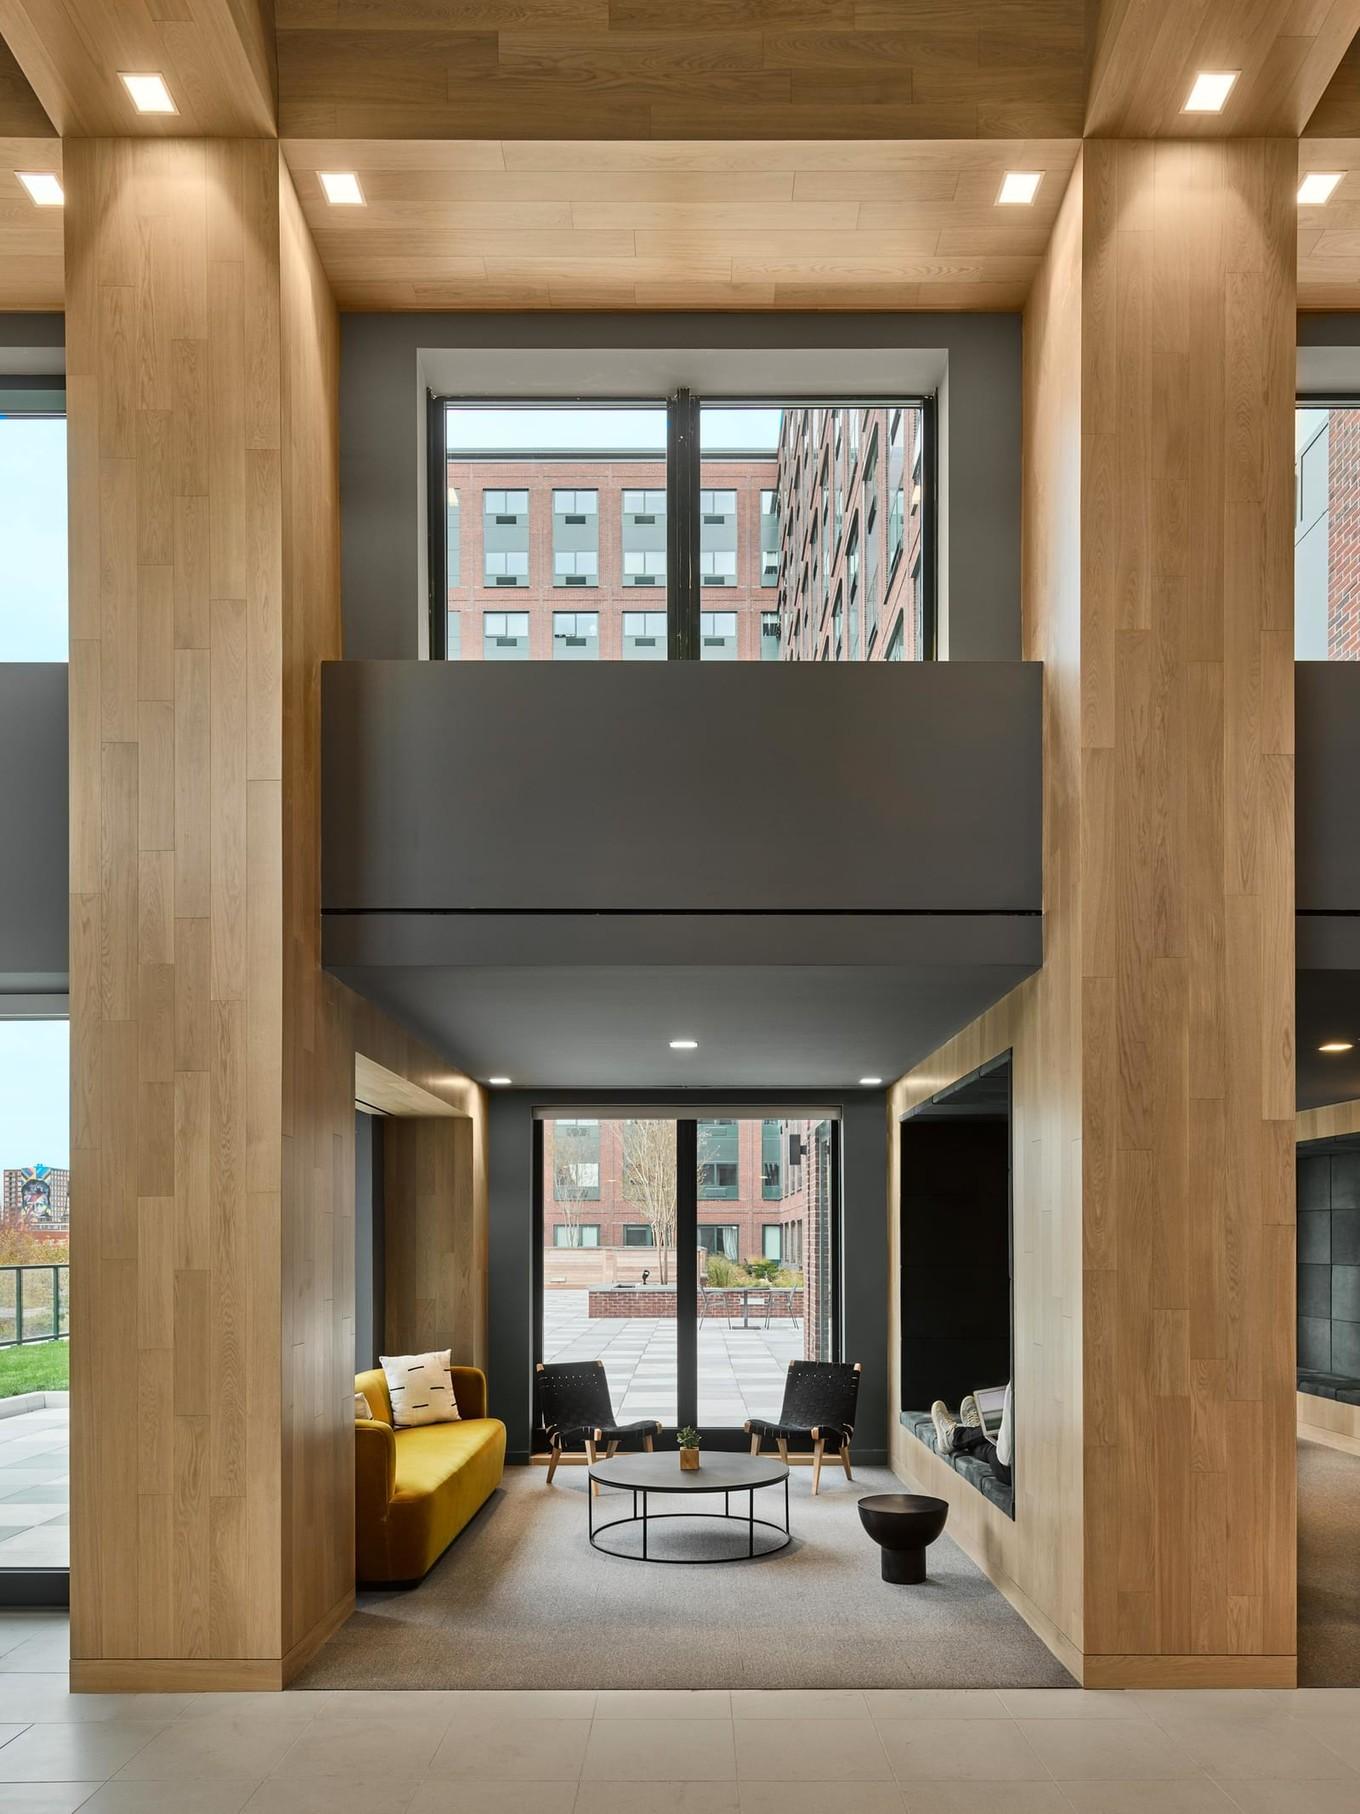 Необычный проект многоквартирного жилого здания в Джерси-Сити